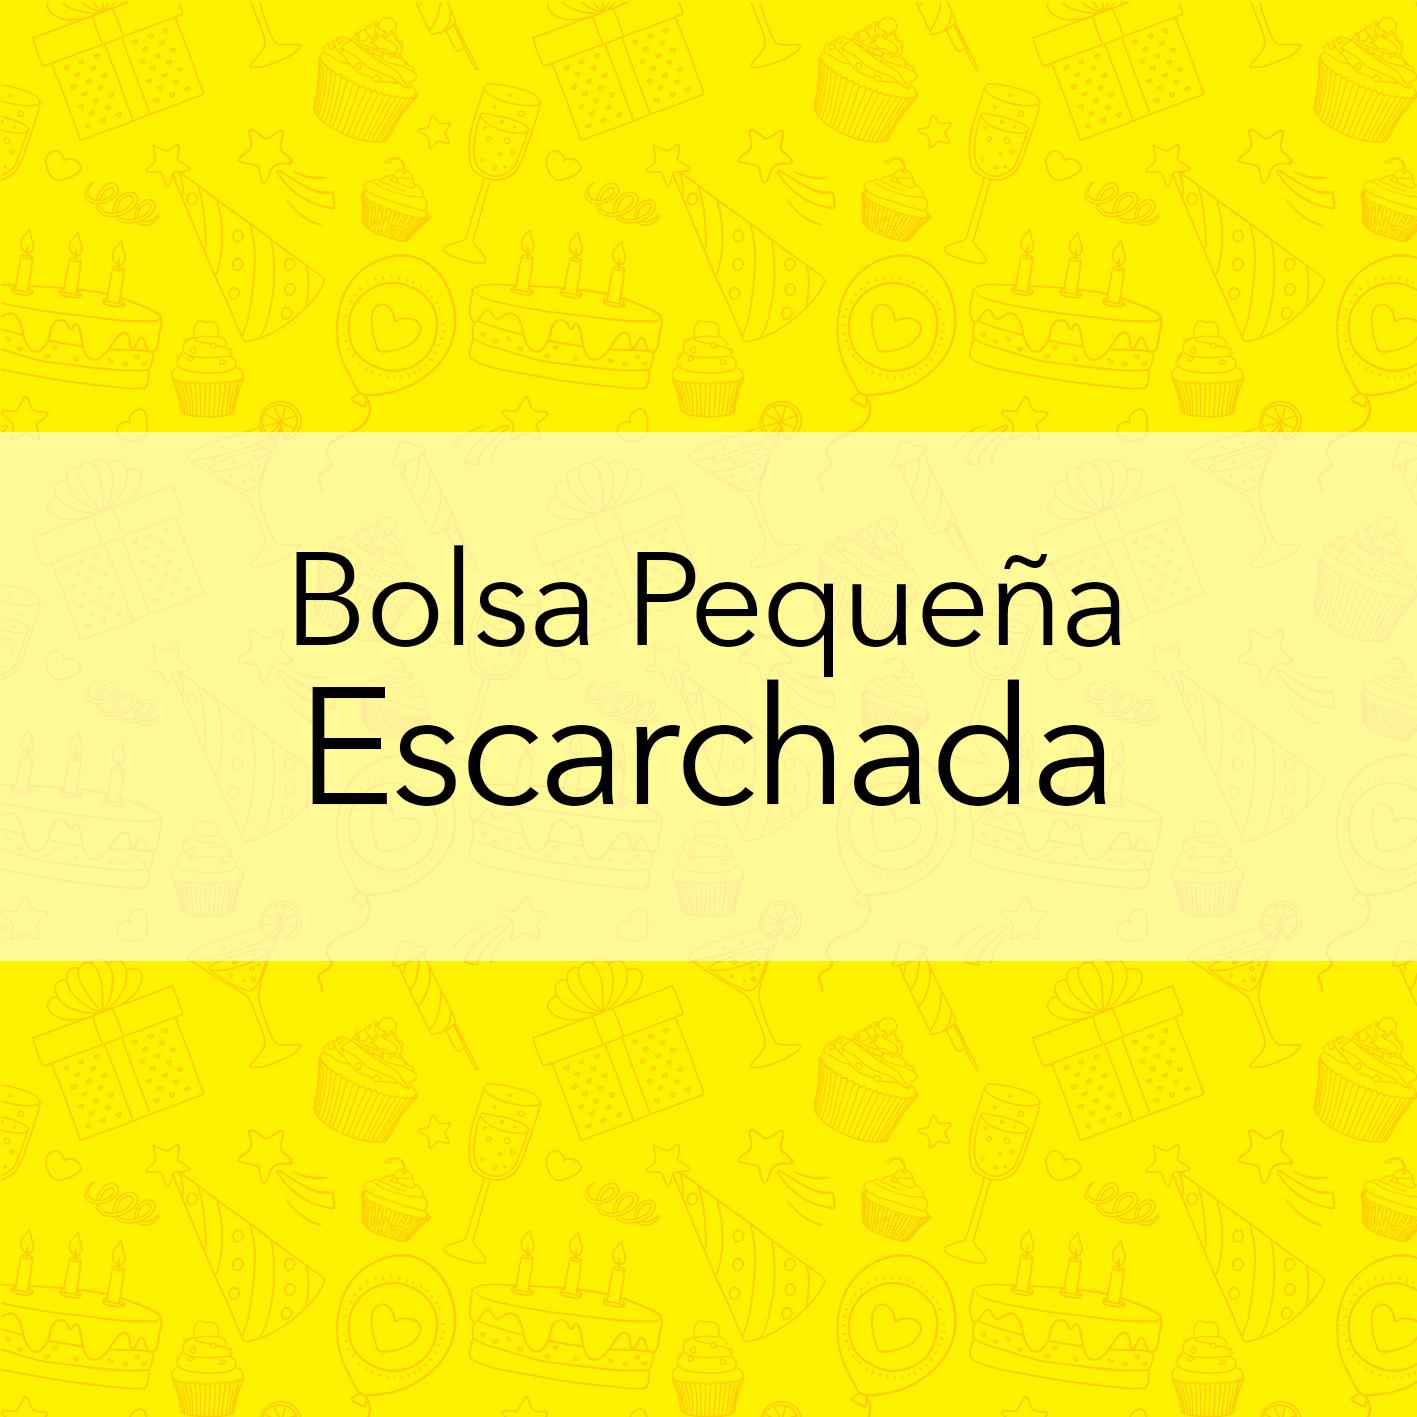 BOLSA PEQUEÑA ESCARCHADA